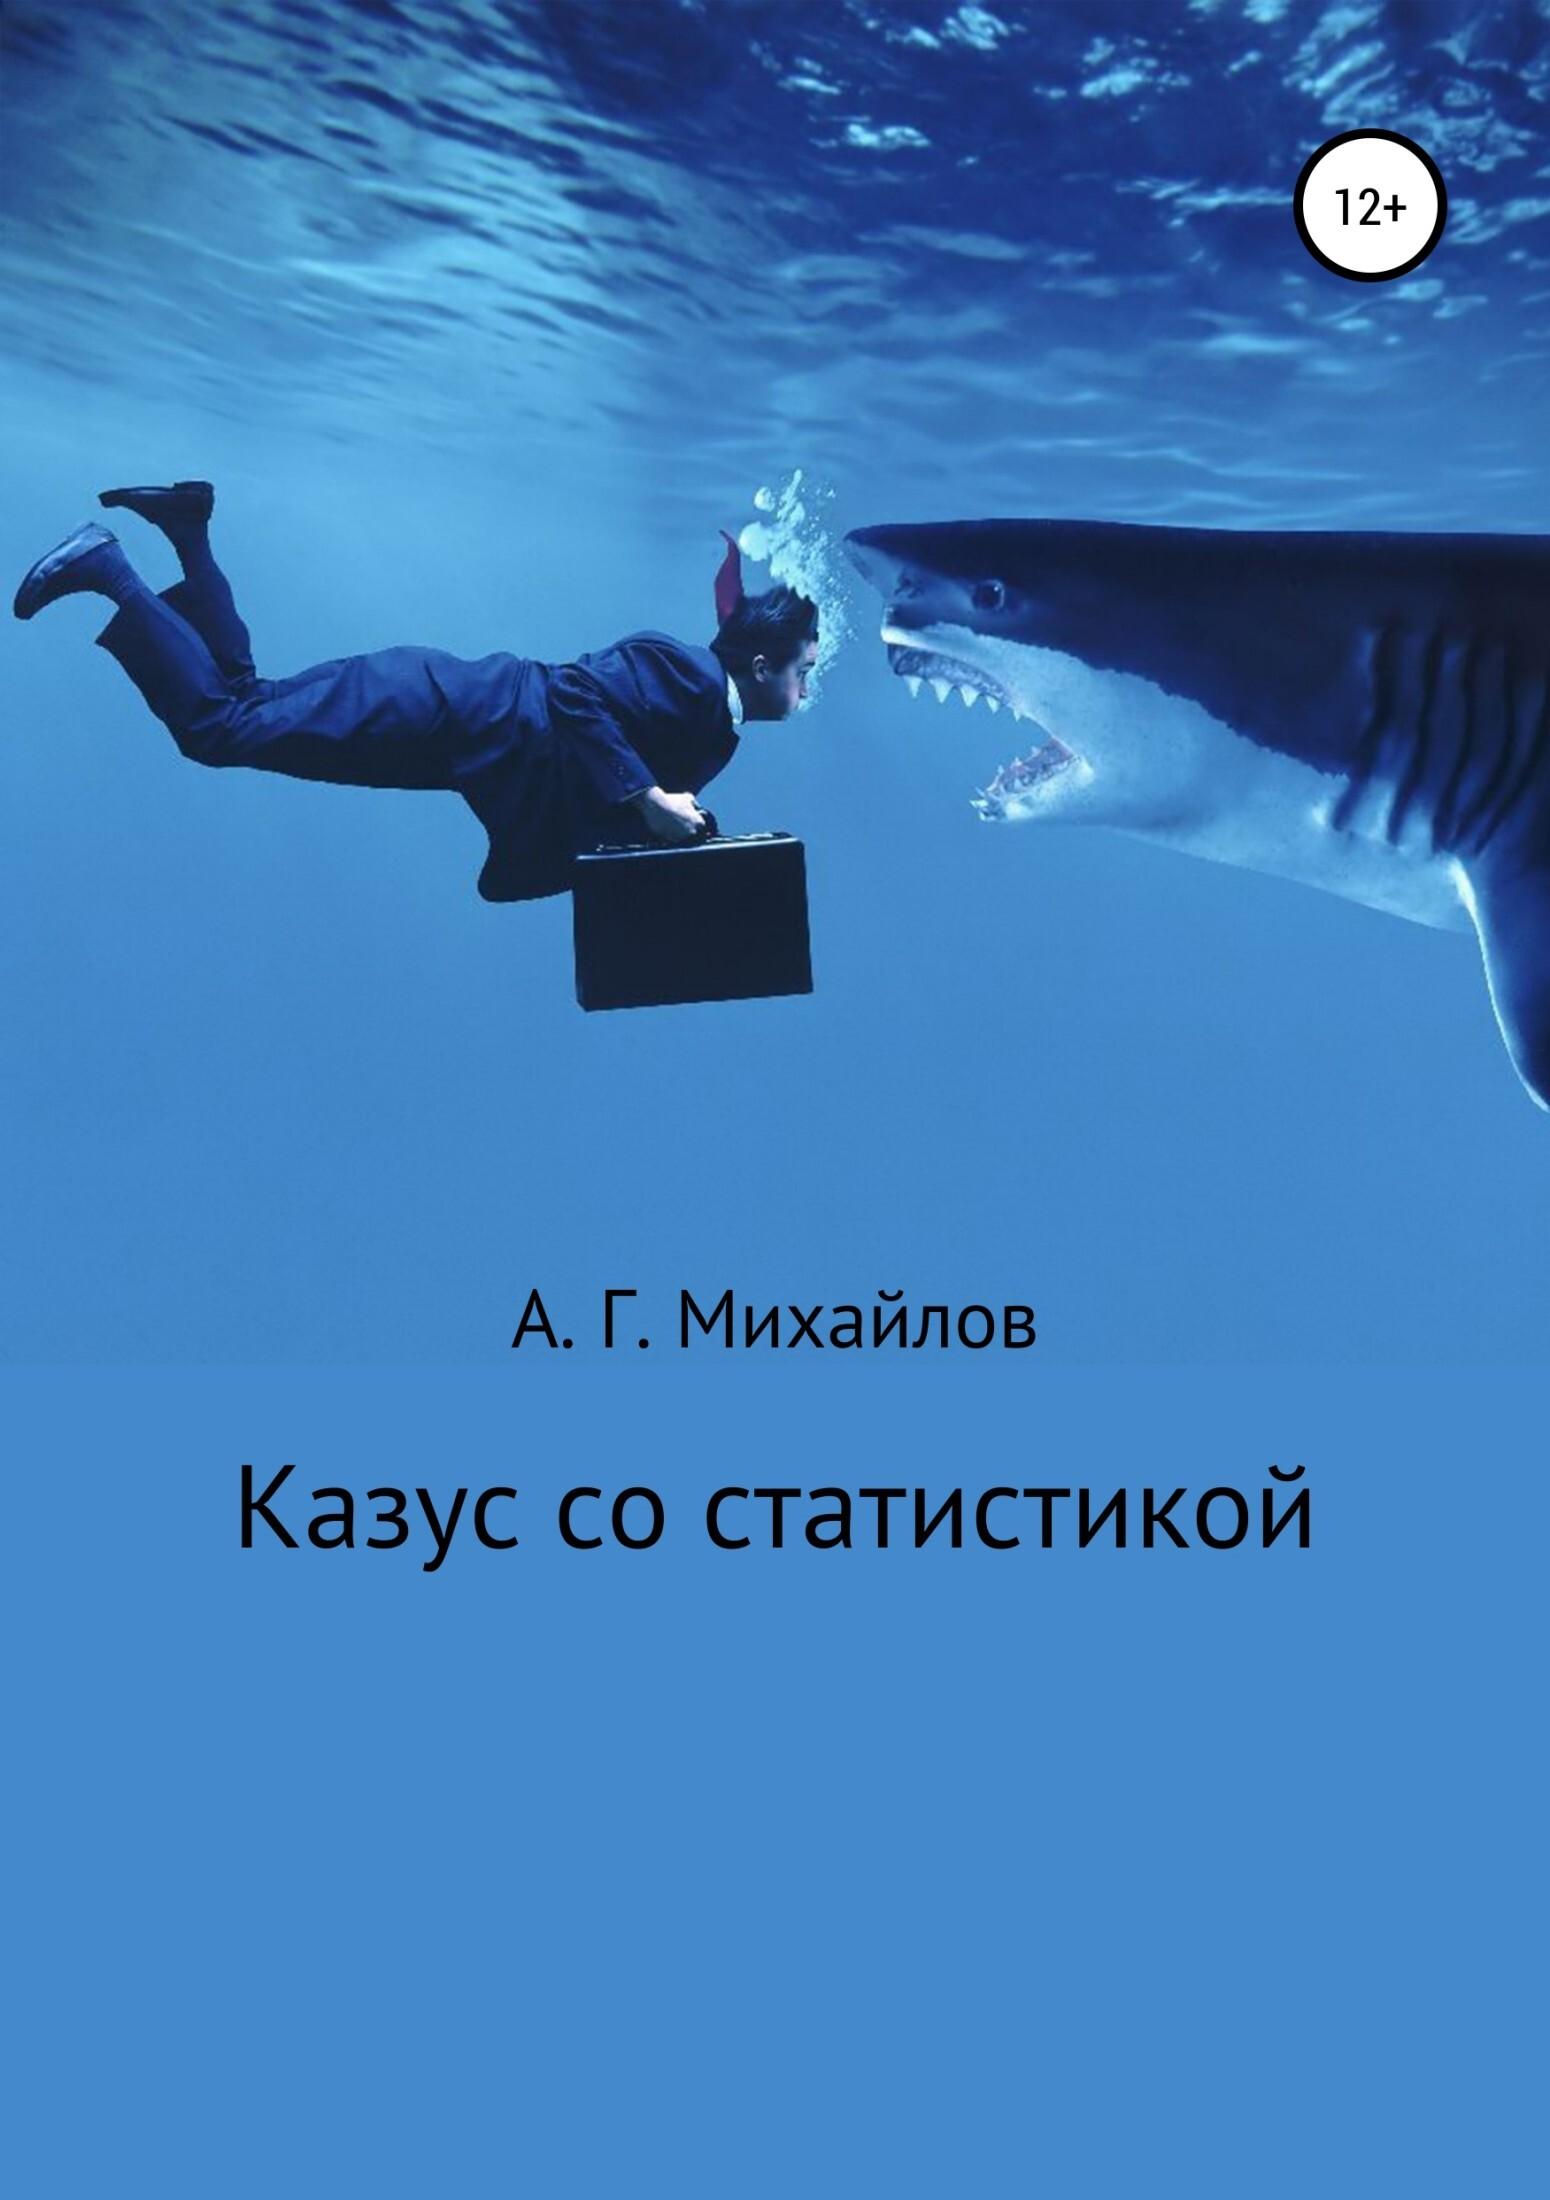 фото обложки издания Казус со статистикой